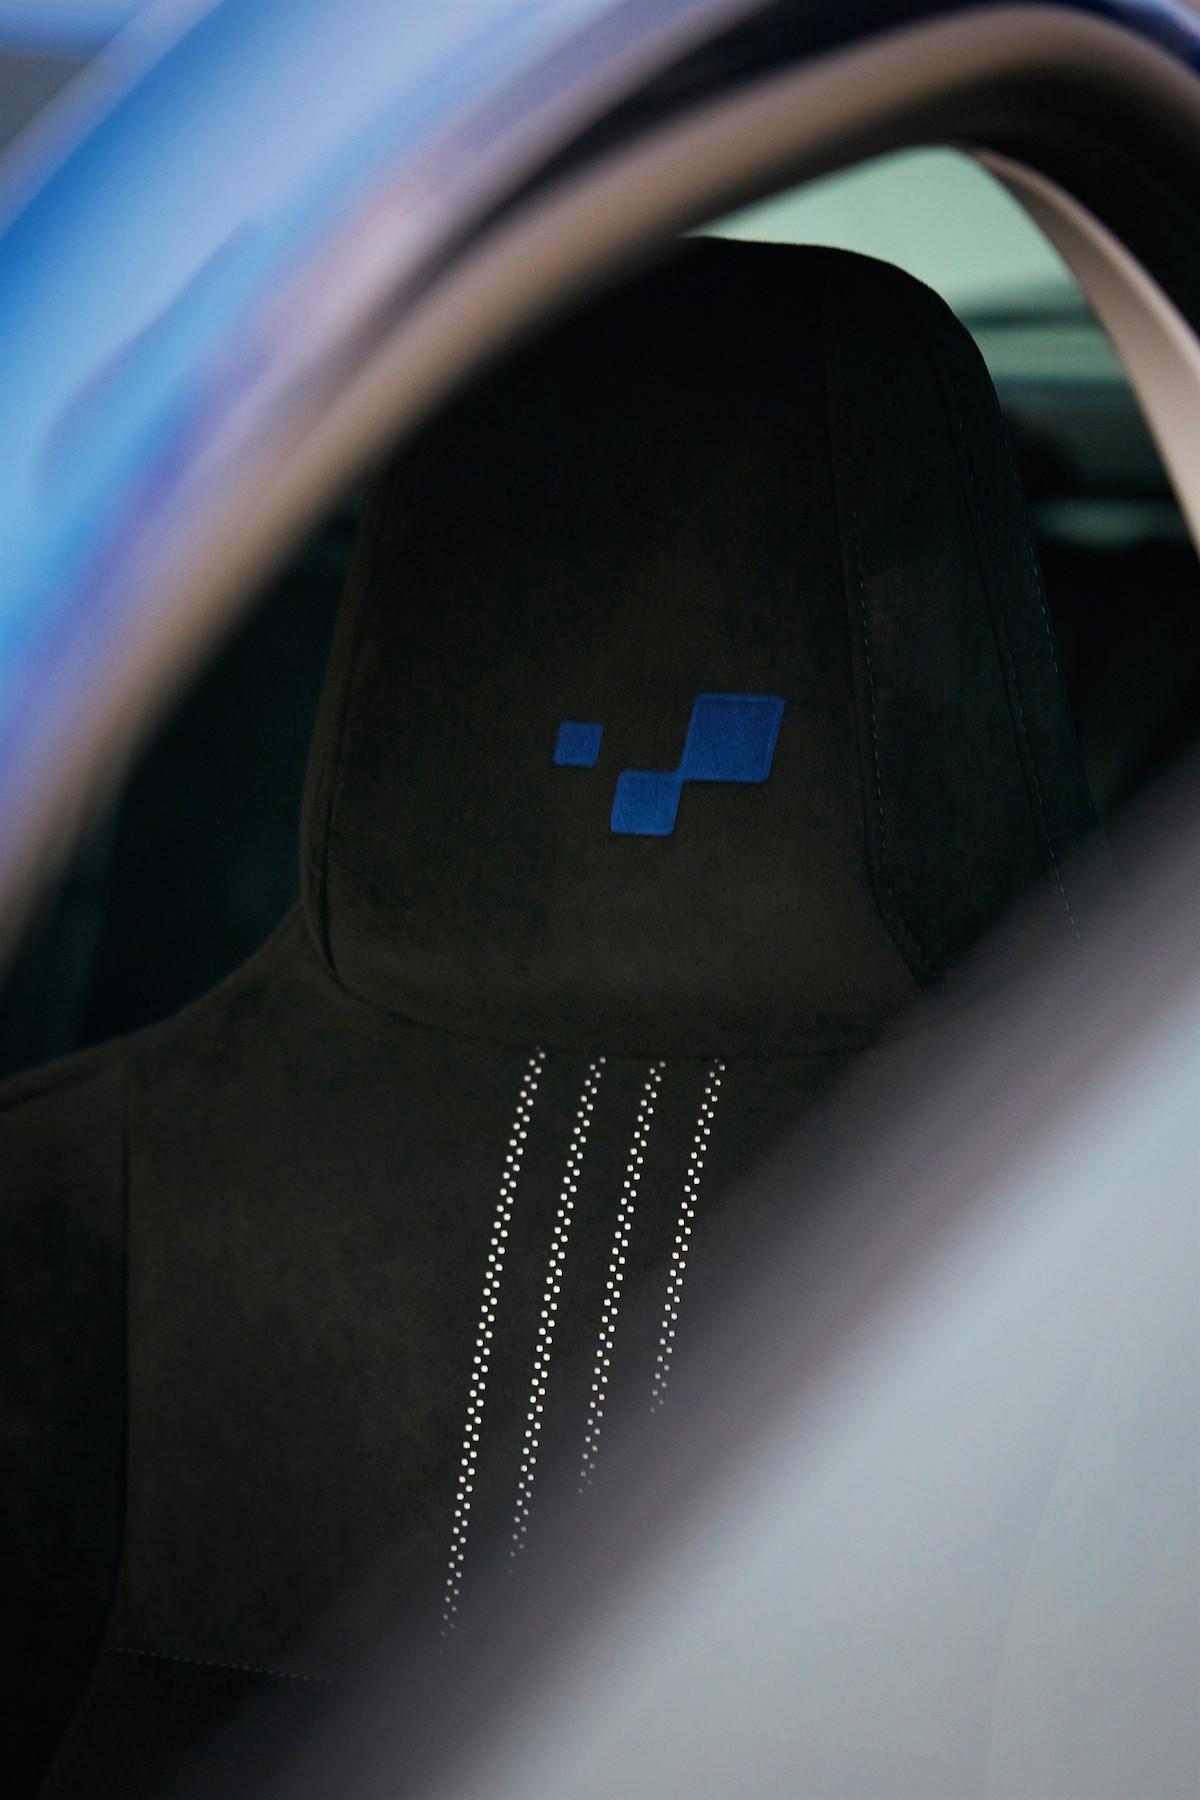 Renault Megane GT 2016 - Photo intérieur, siège avant, logo Renault Sport brodé